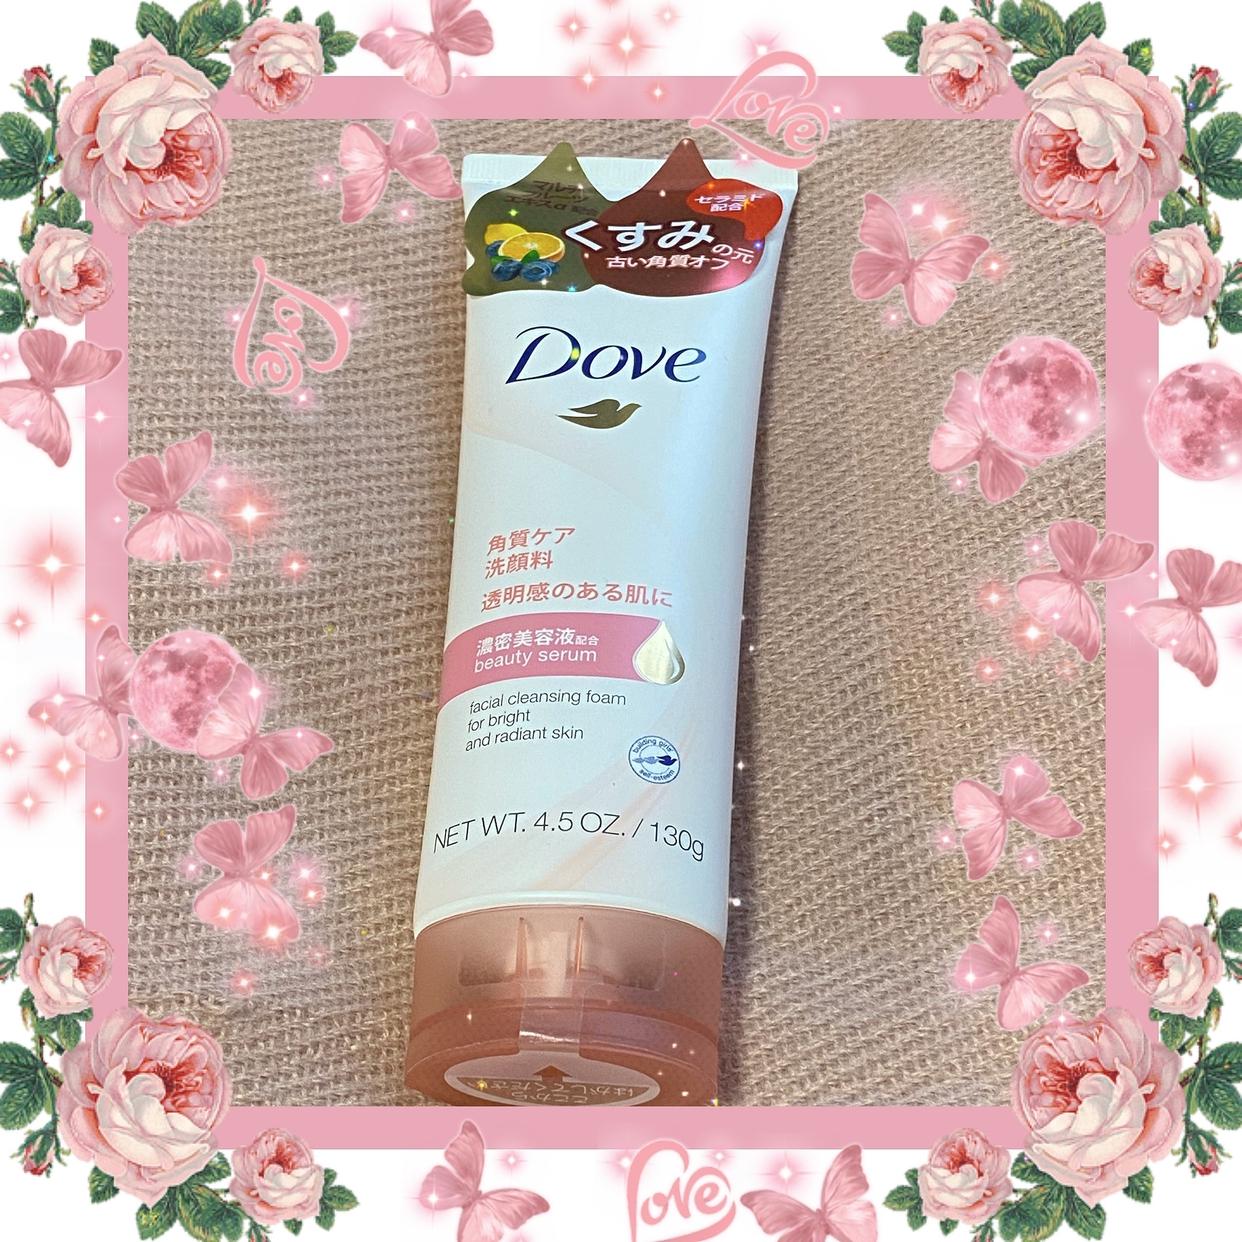 Dove(ダヴ) クリアリニュー 洗顔料を使ったいーちゃんさんのクチコミ画像1